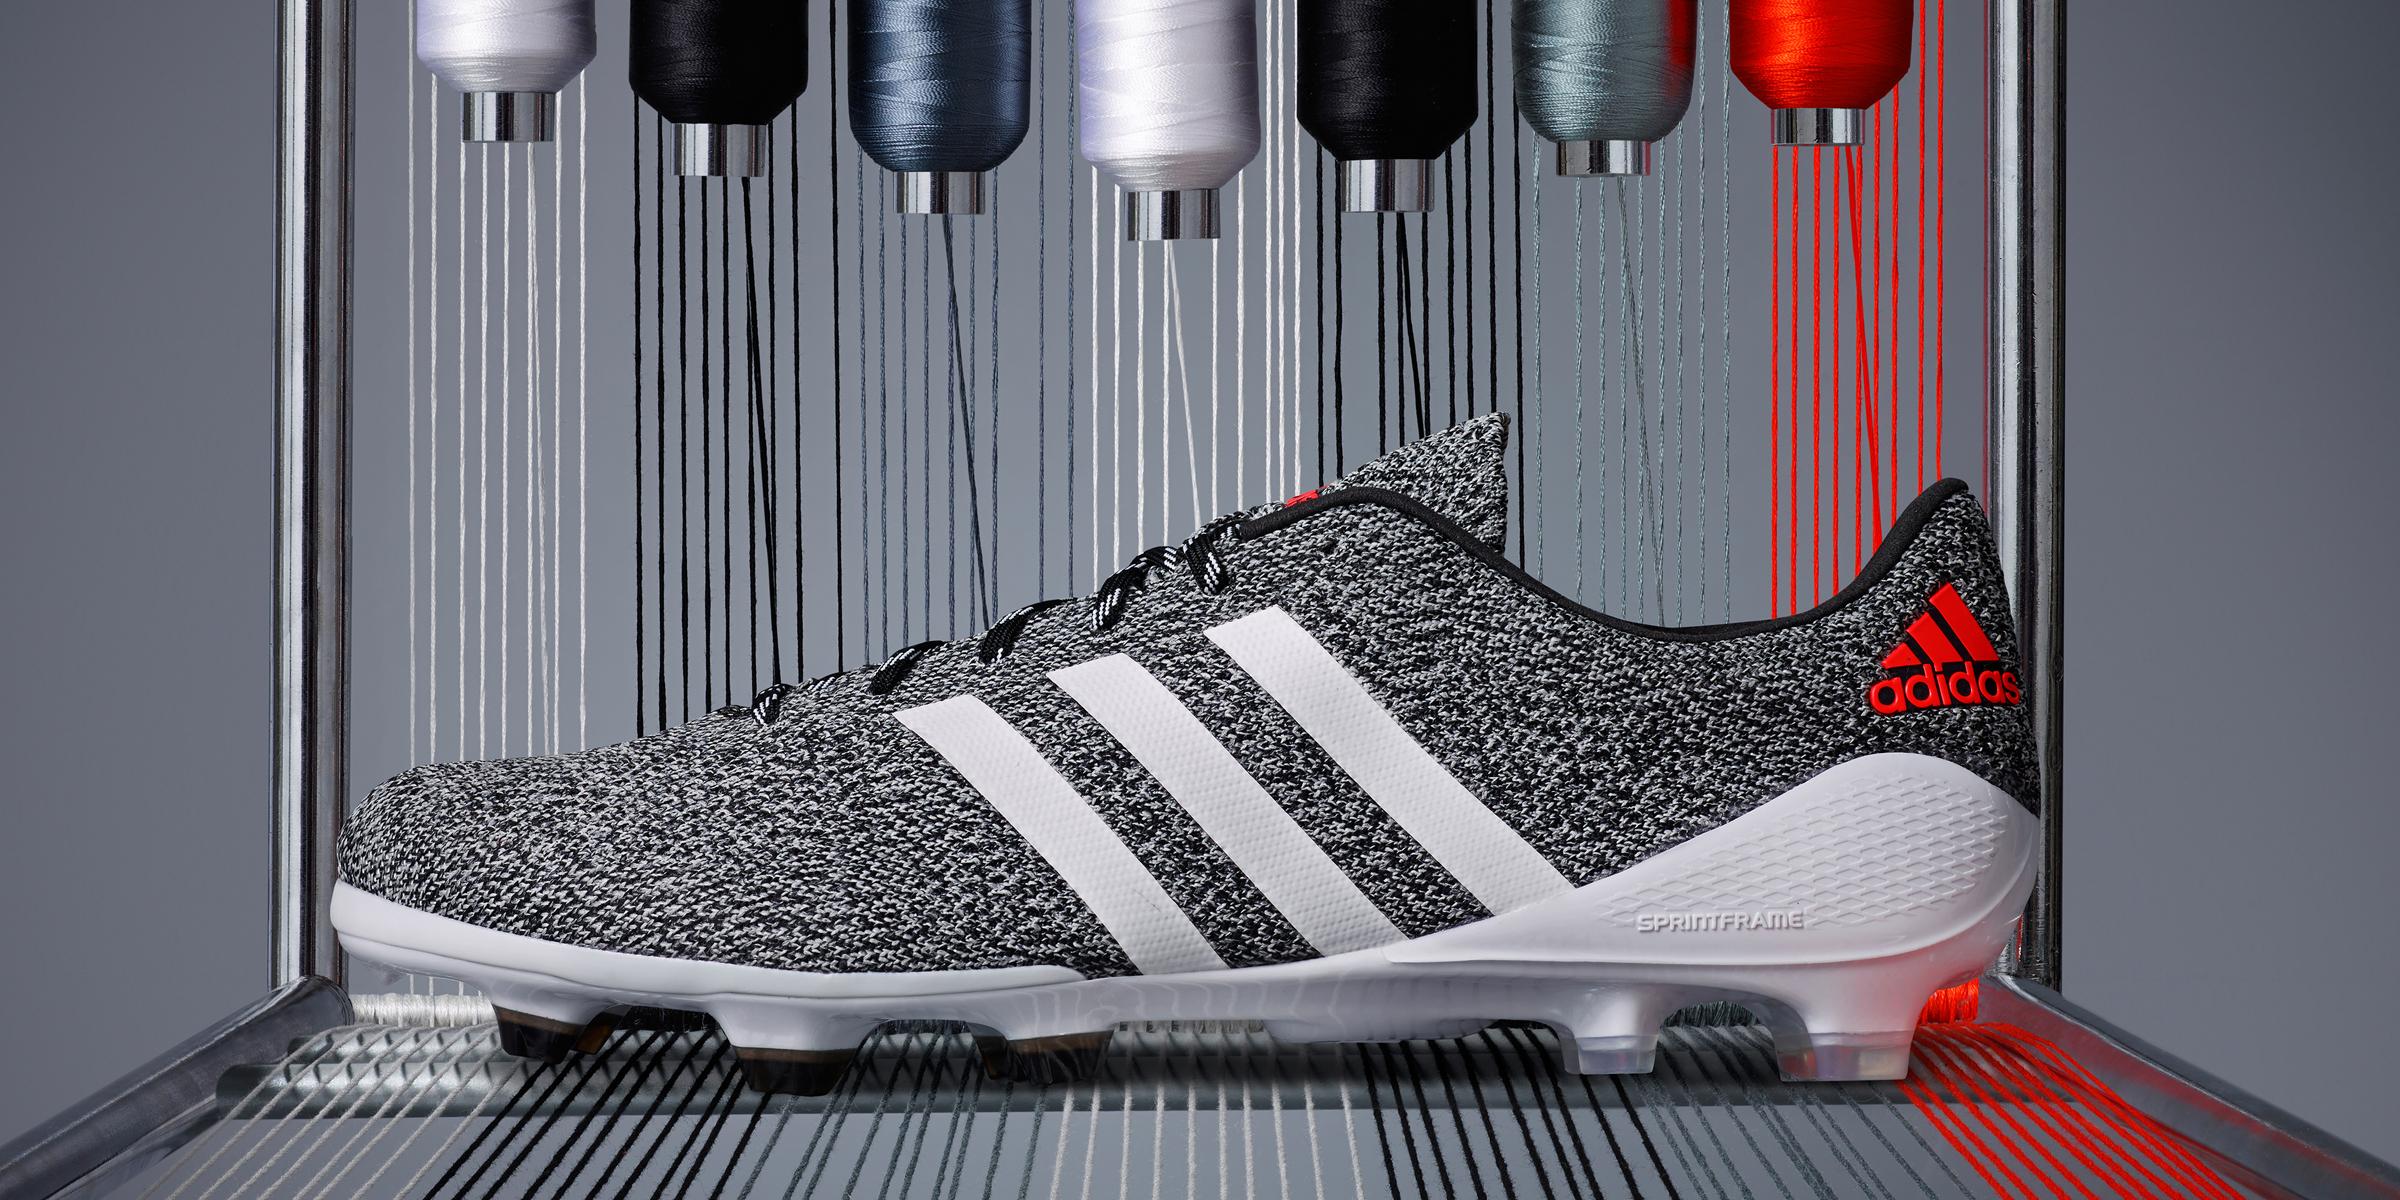 Adidas_Primeknit_PR_Hero_07.jpg